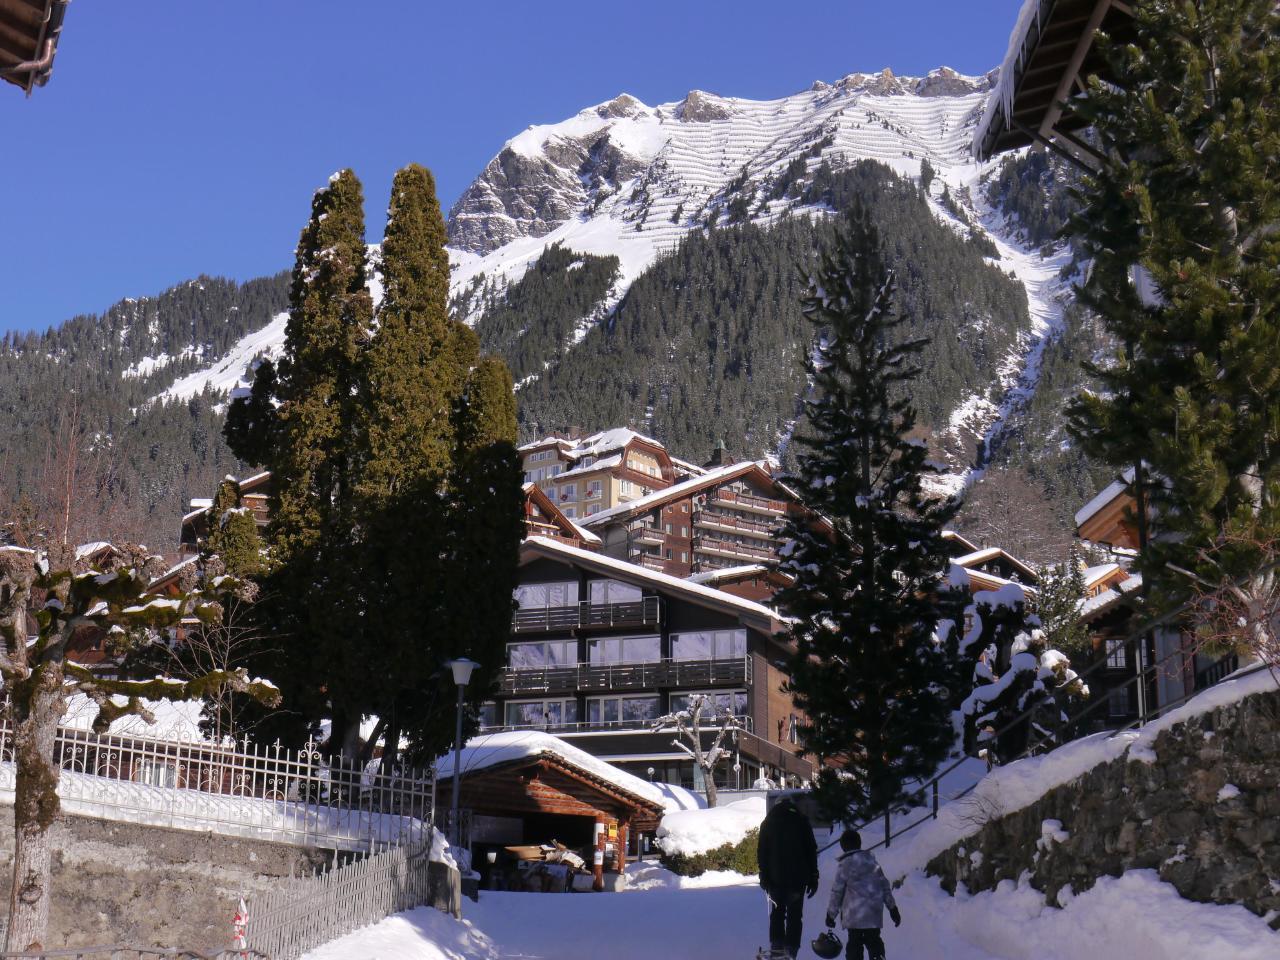 Appartement de vacances Birkli 2, 2 Bett Wohnung (2691724), Wengen, Région de la Jungfrau, Oberland bernois, Suisse, image 18